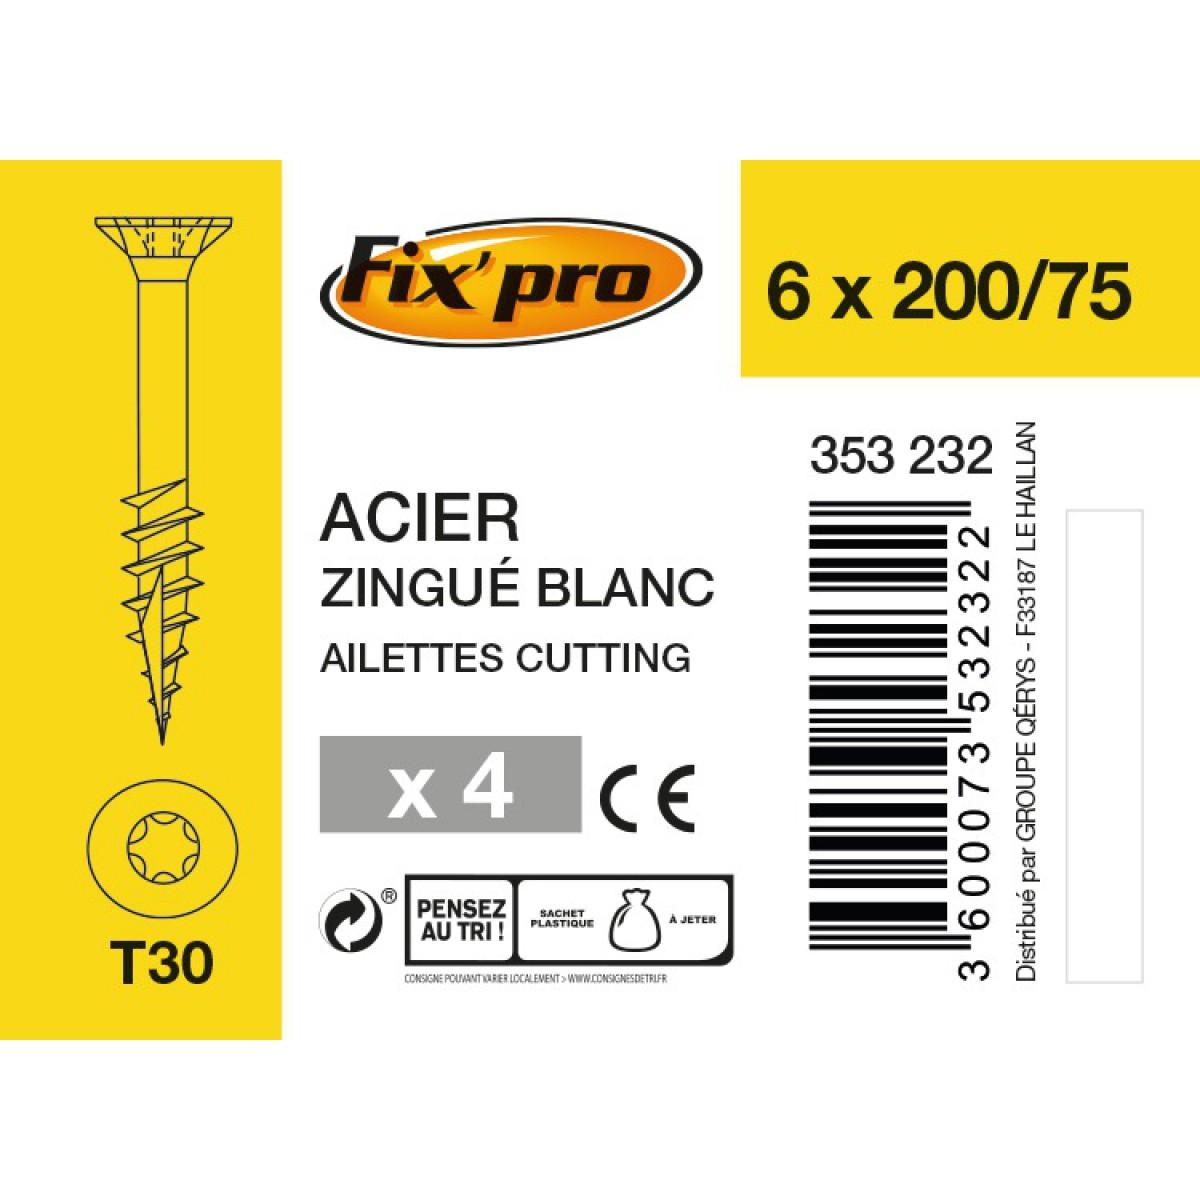 Vis à bois tête fraisée TX - 6x200/75 - 4pces - Fixpro